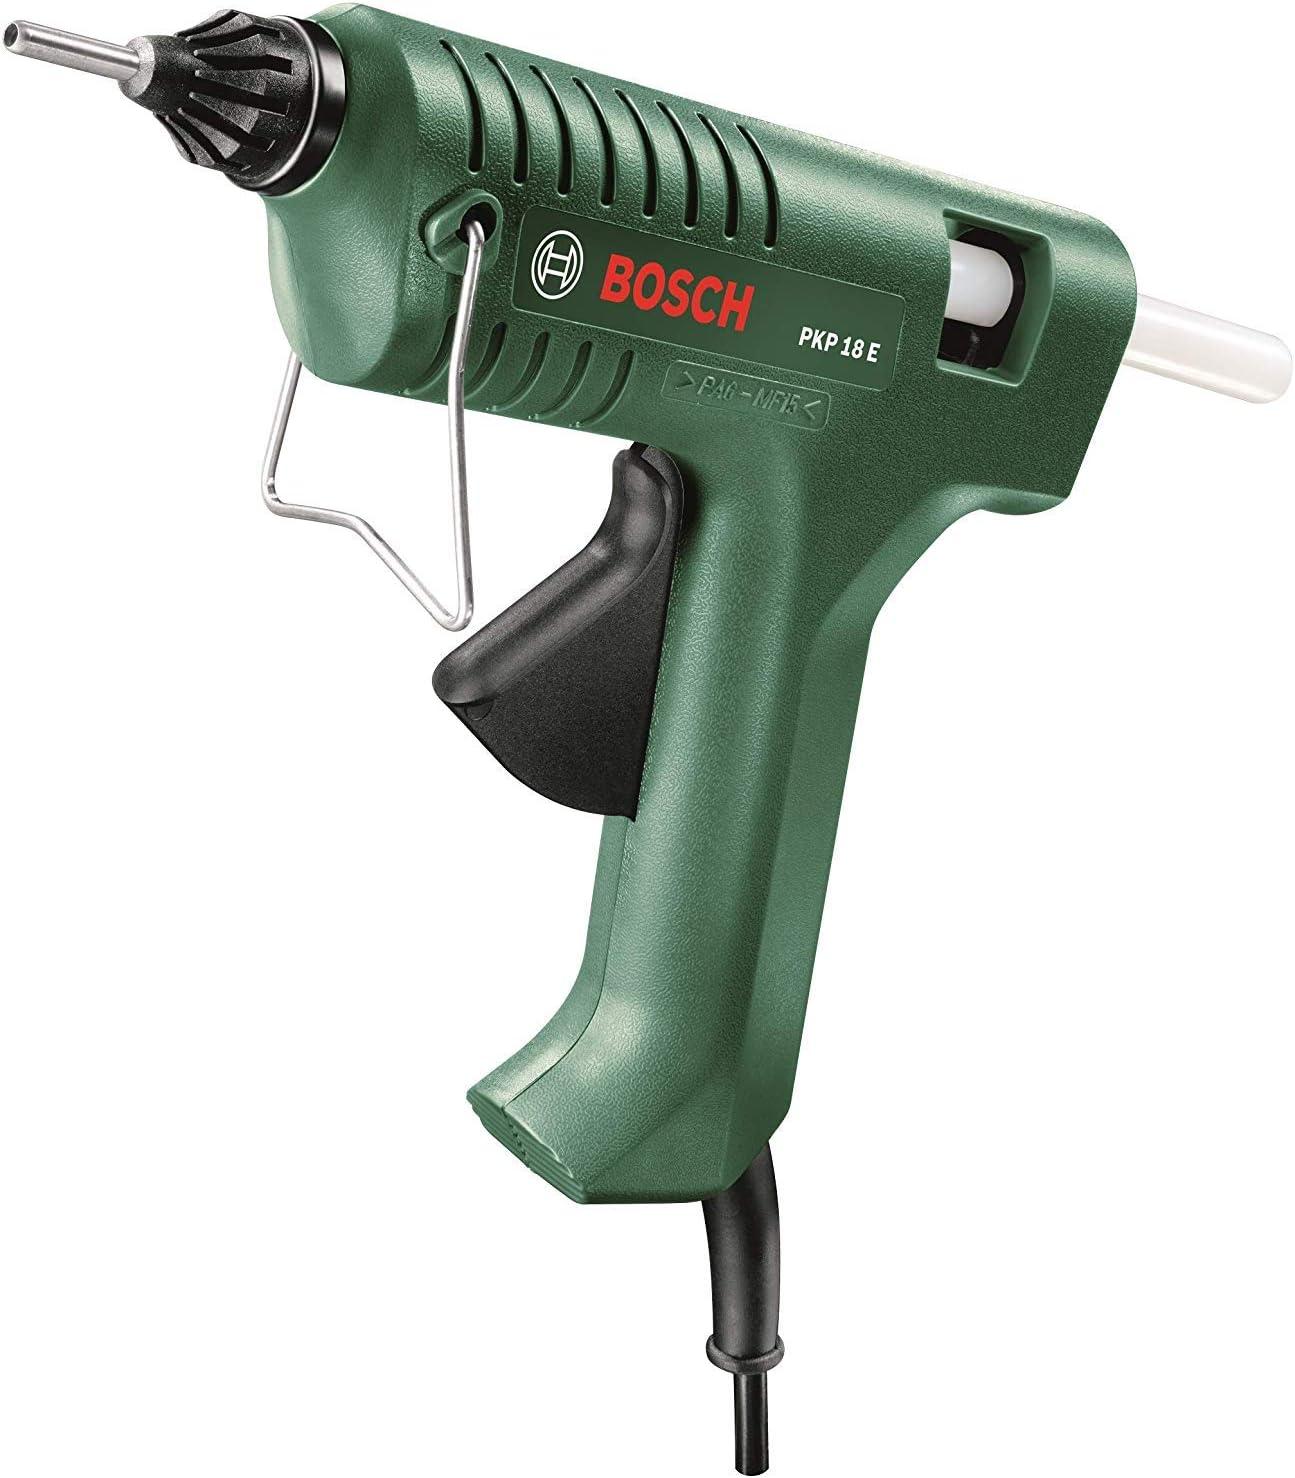 Bosch PKP 18E - Pistola de pegar (240 W)